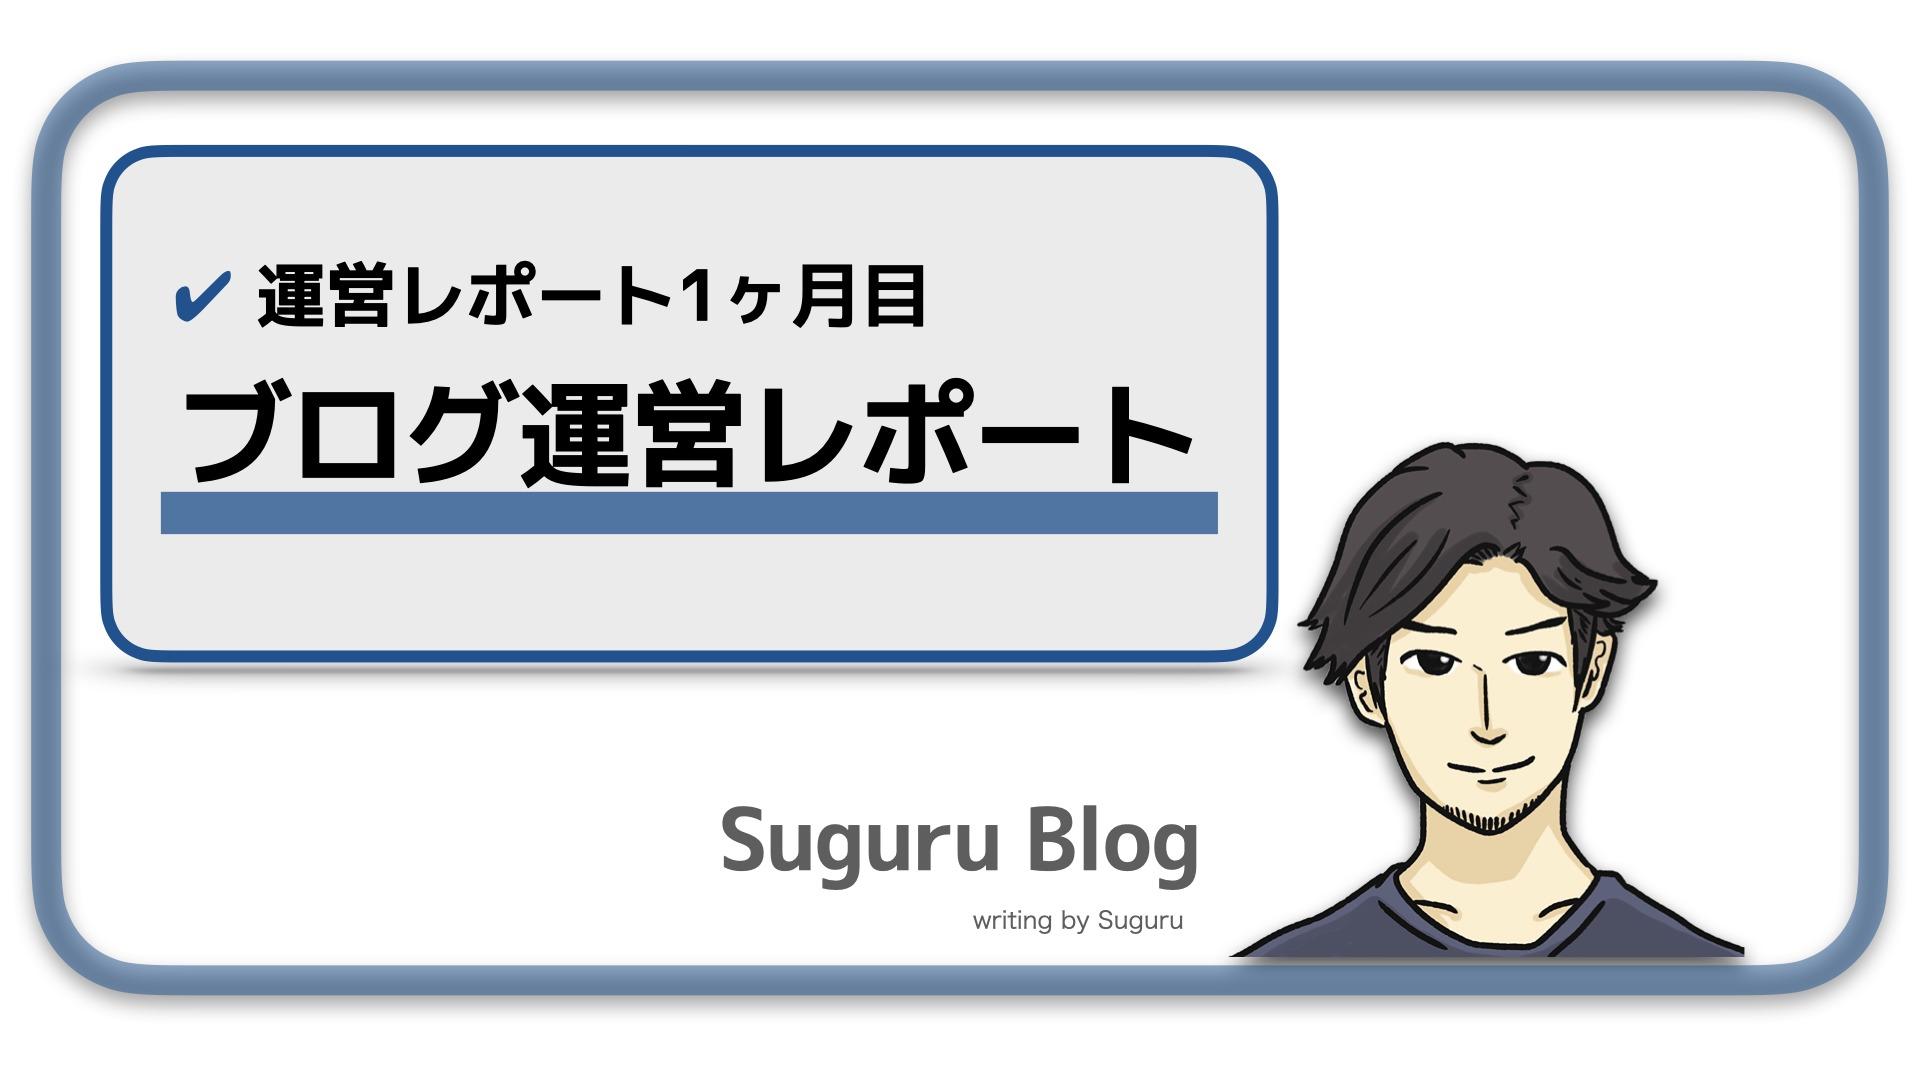 ブログ運営レポート【1ヶ月目】